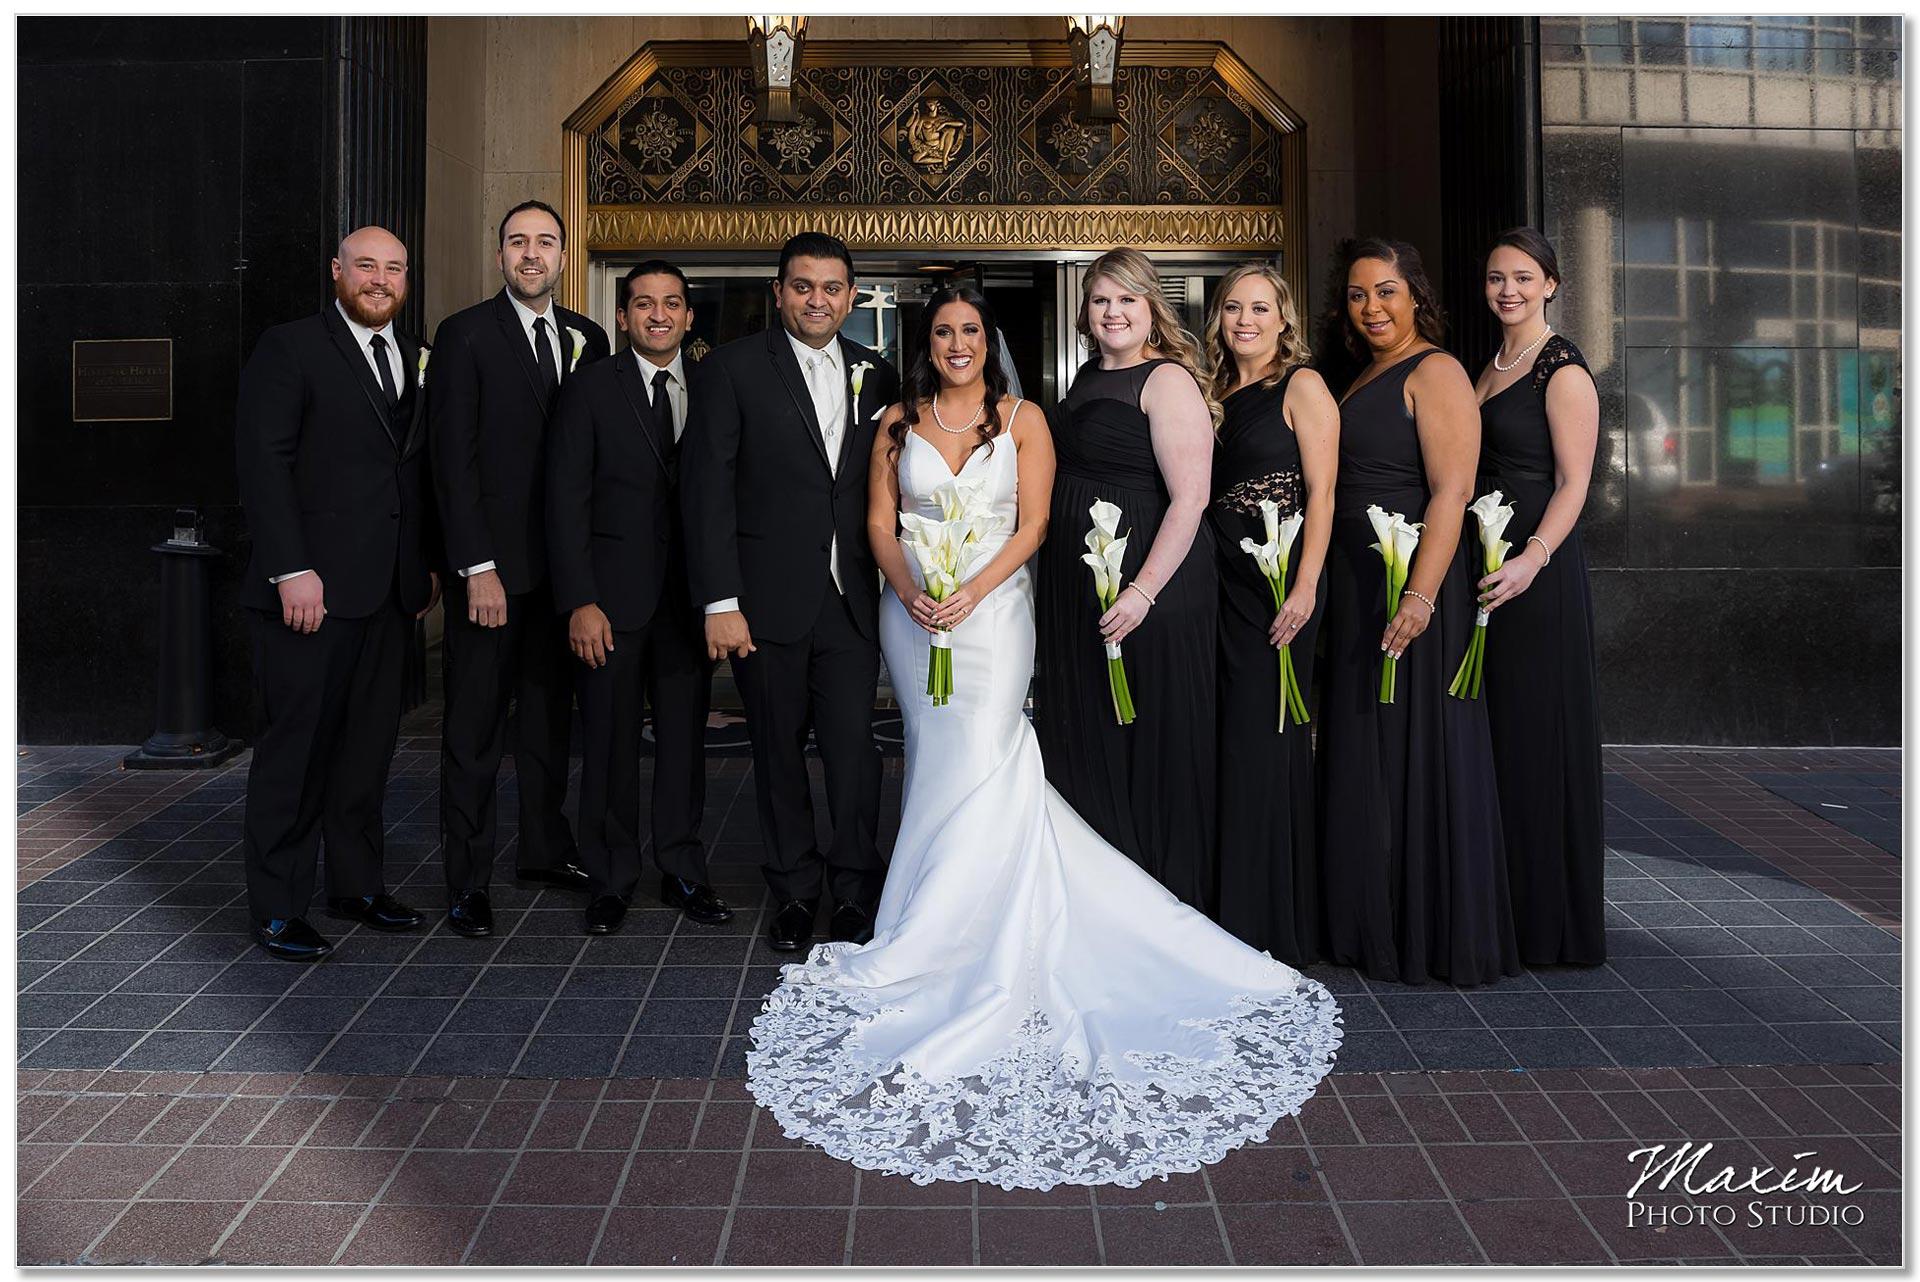 Hilton Netherland Plaza wedding bridal party